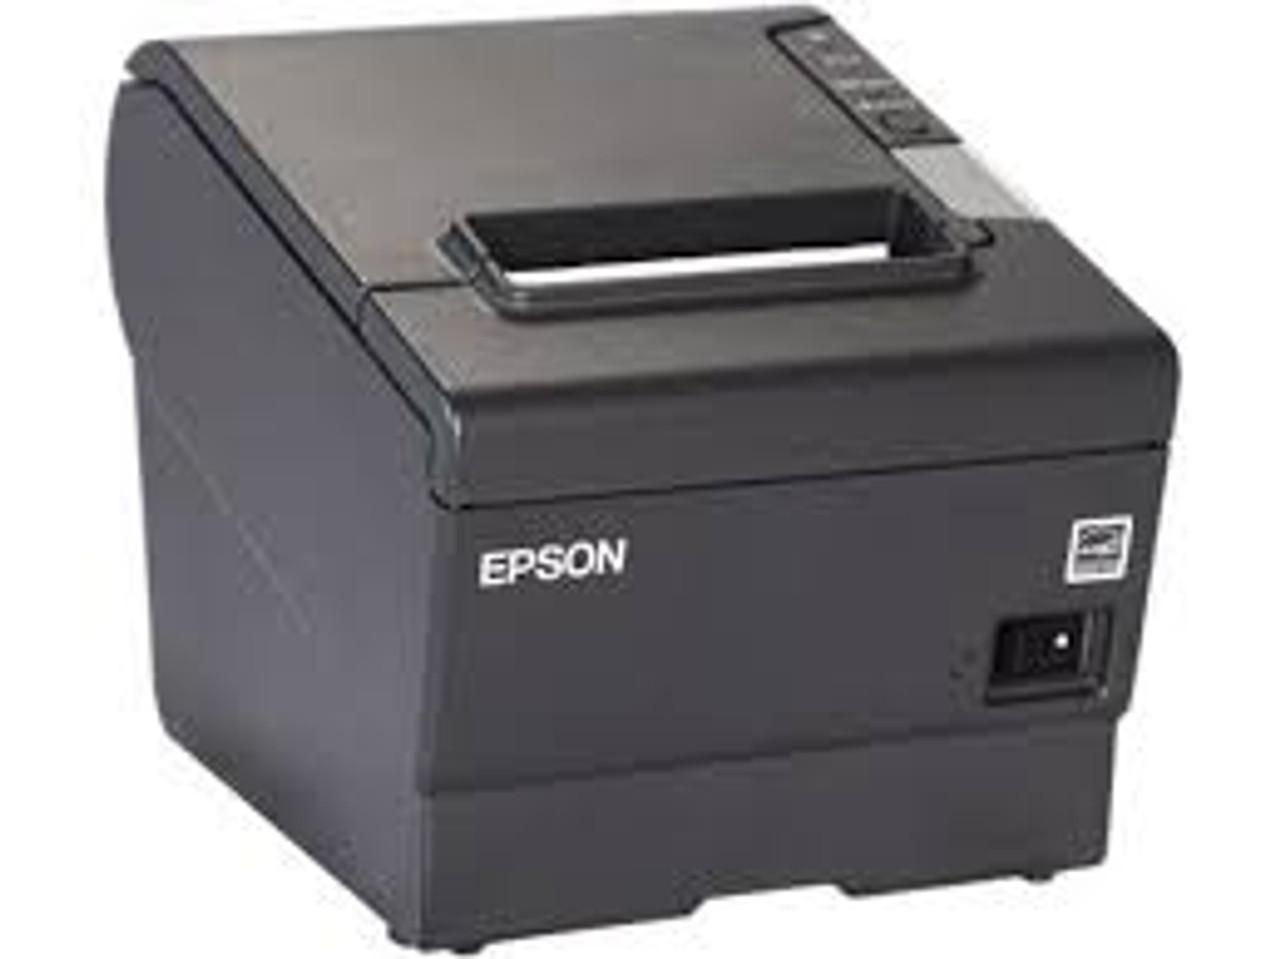 Epson TM-T88V mPOS Receipt Printer